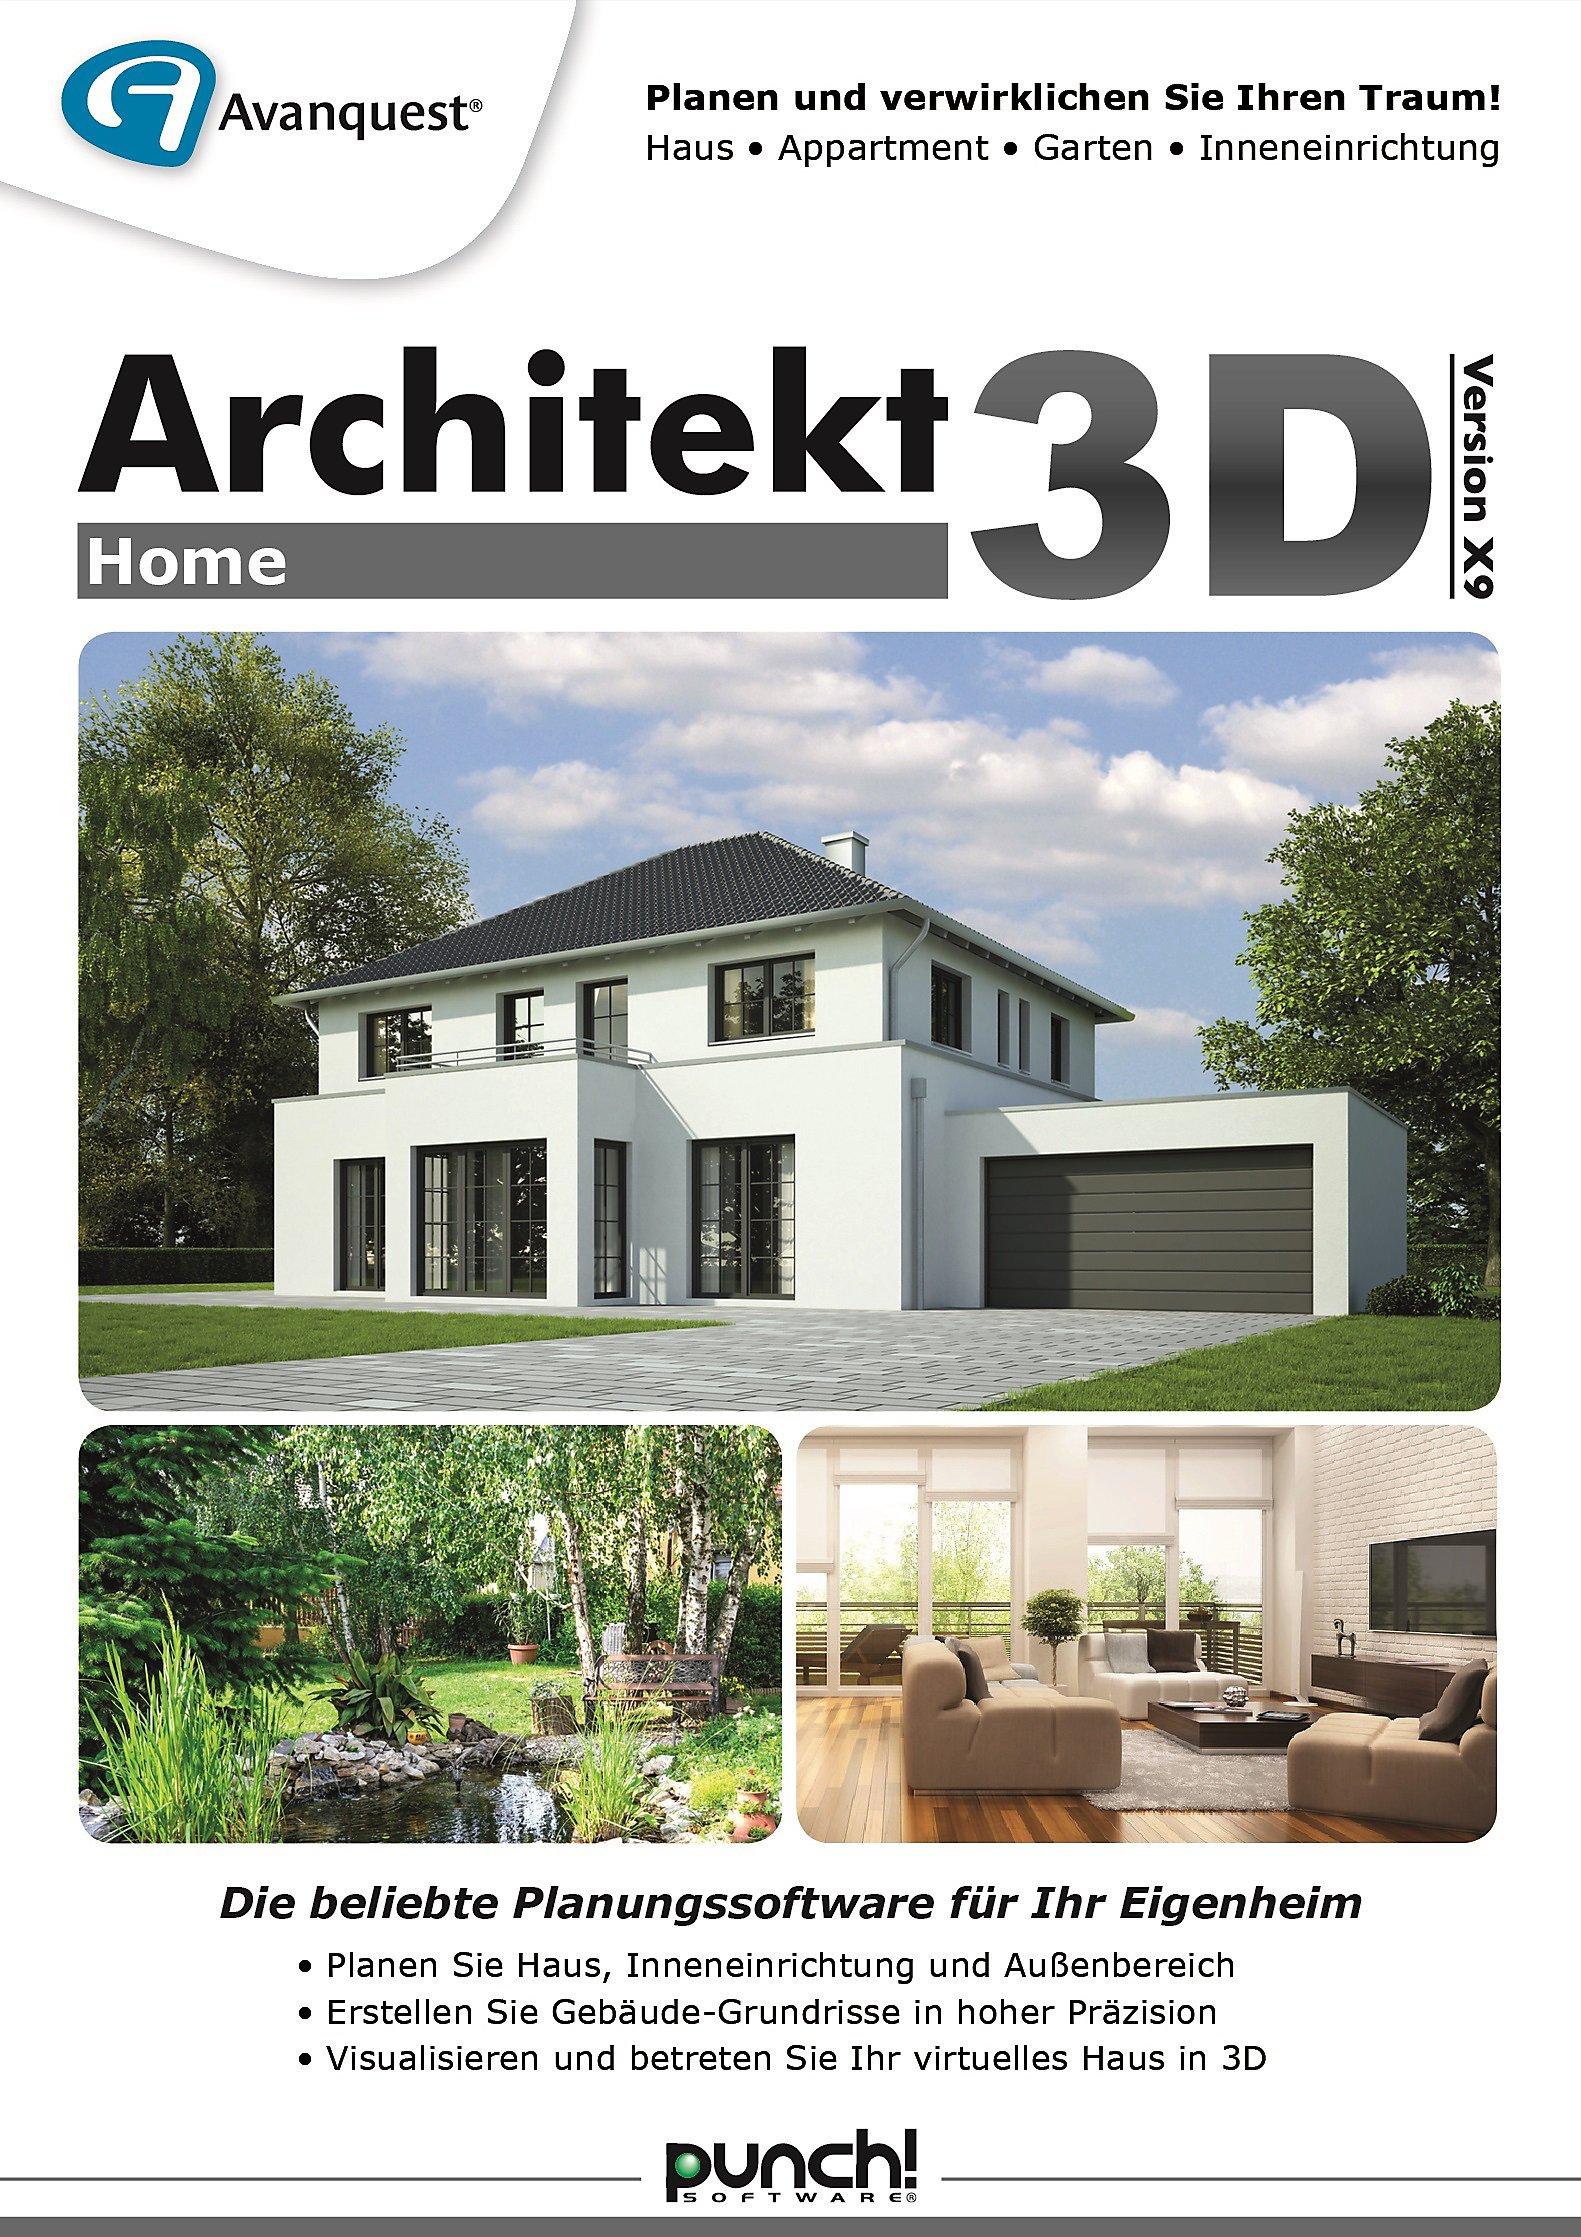 Architekt 3d X9 Home Software Games Sicher Downloaden Bei Weltbildde